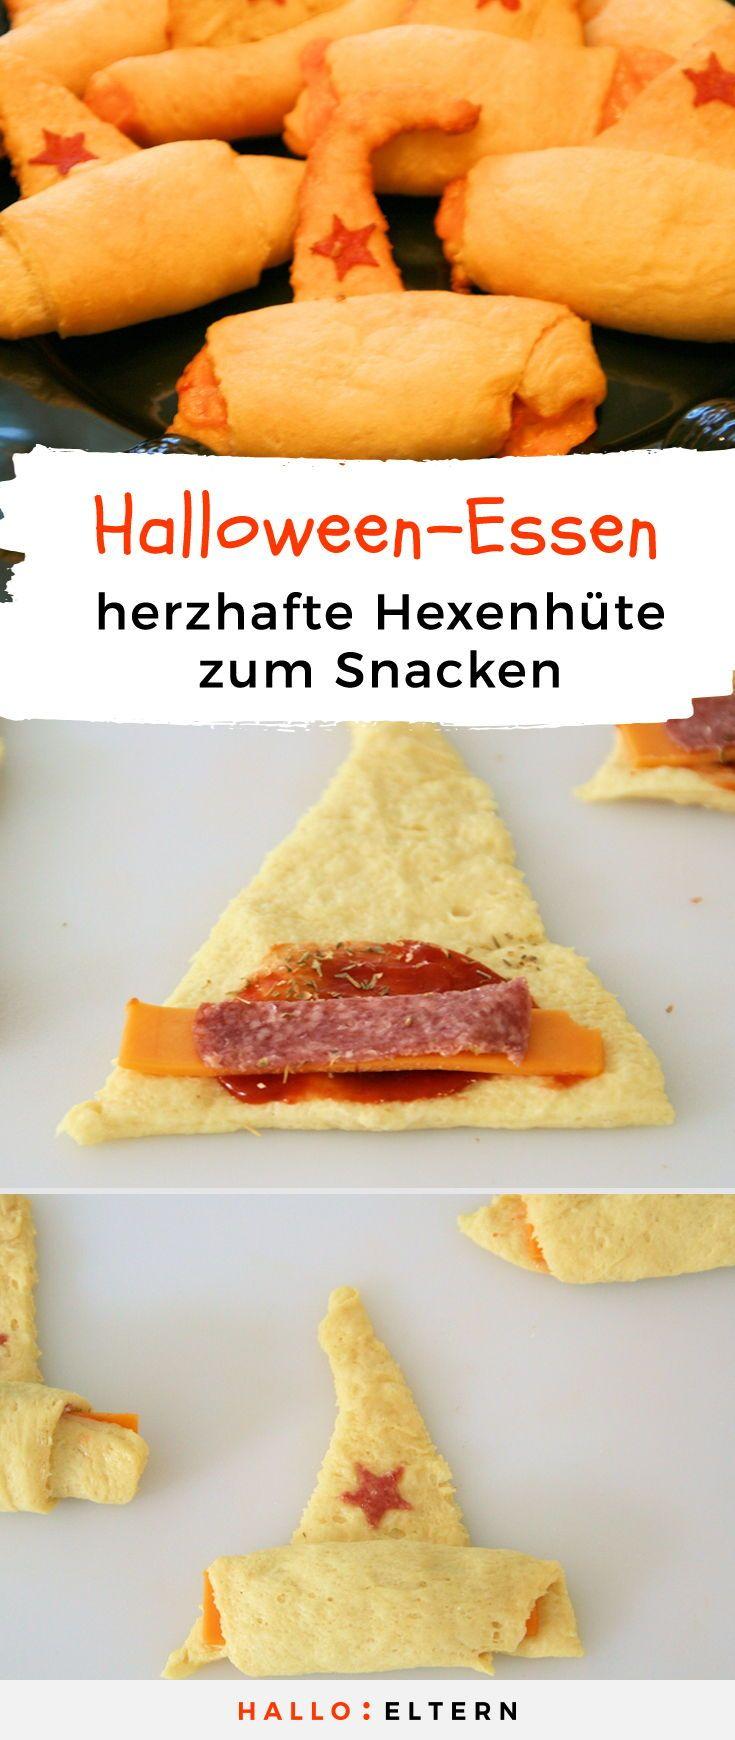 """""""Abra-Kadabra"""" zauberst du einen leckeren Halloween-Snack aus dem Hut."""